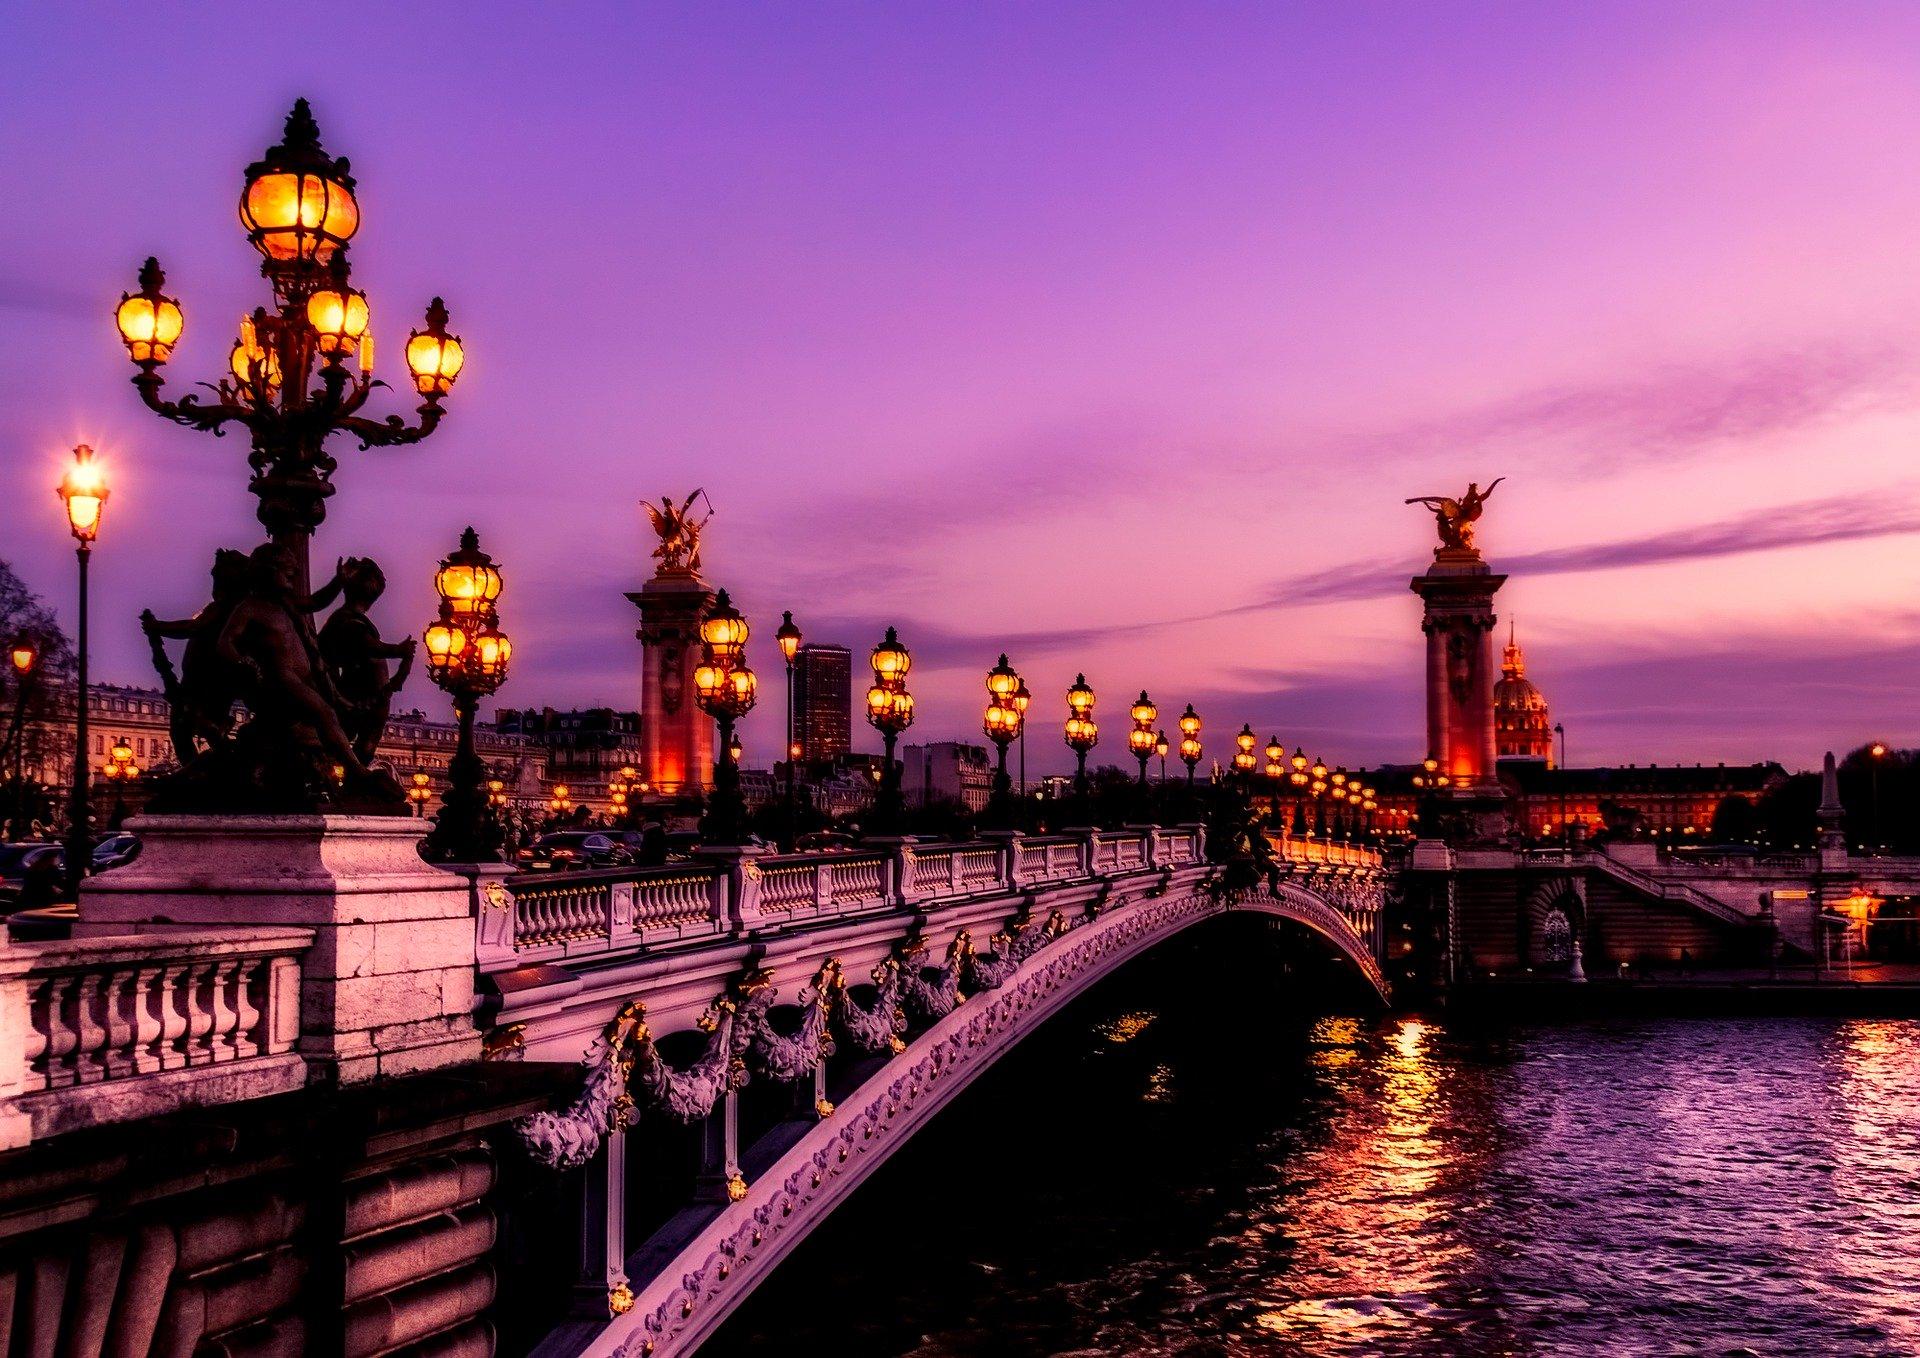 paris-2499022_1920